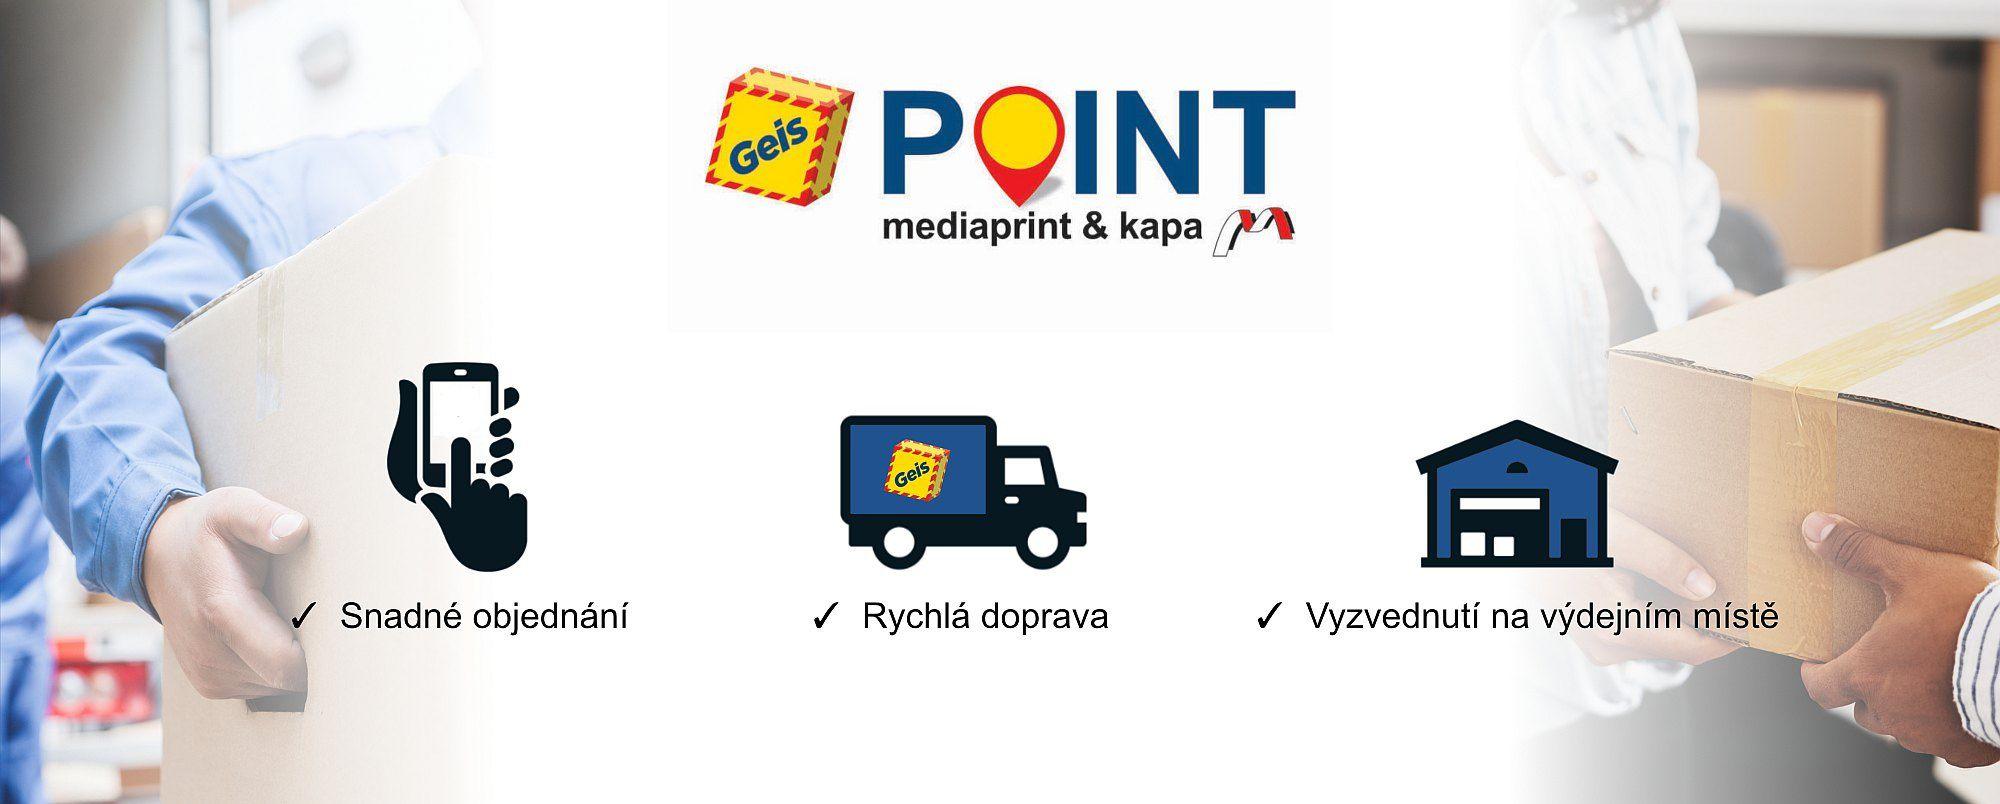 GeisPoint